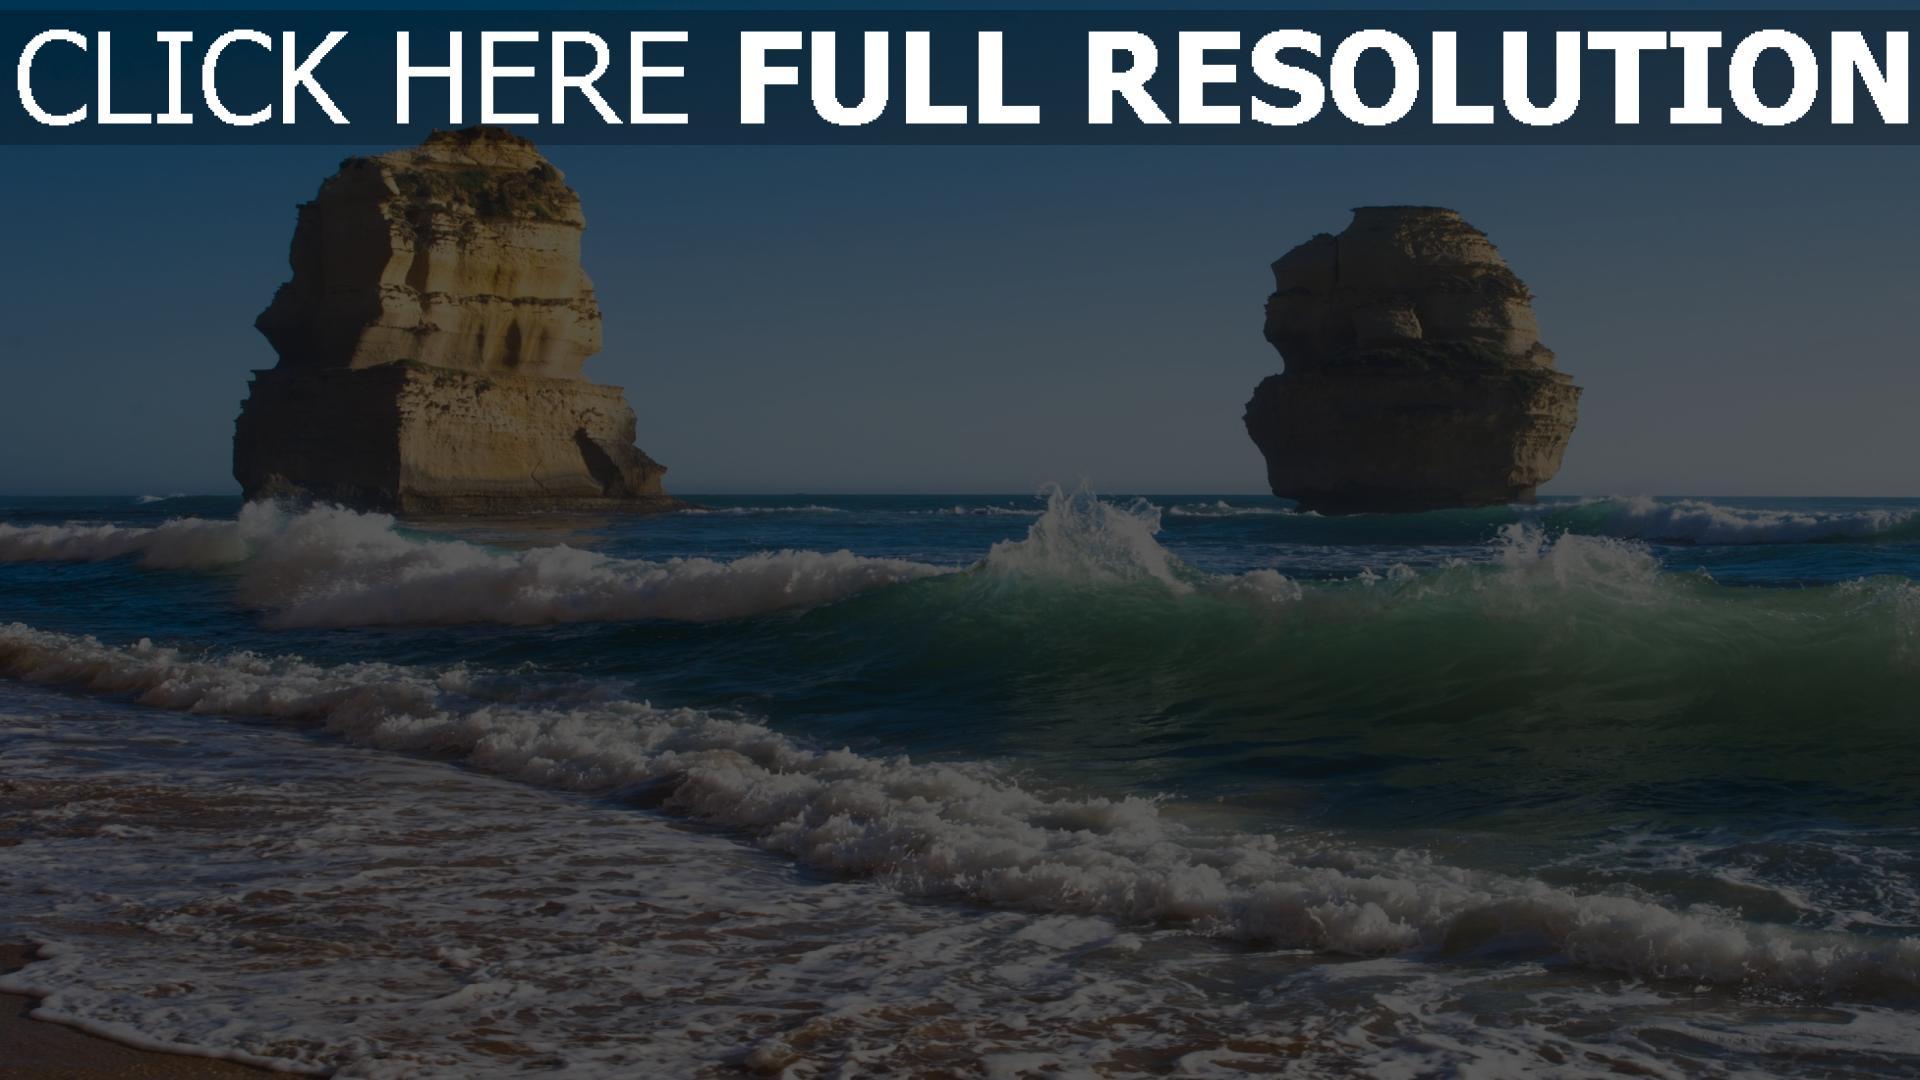 Télécharger 1920x1080 Full HD Fond d'écran vague roche mousse côte australie, Images et Photos